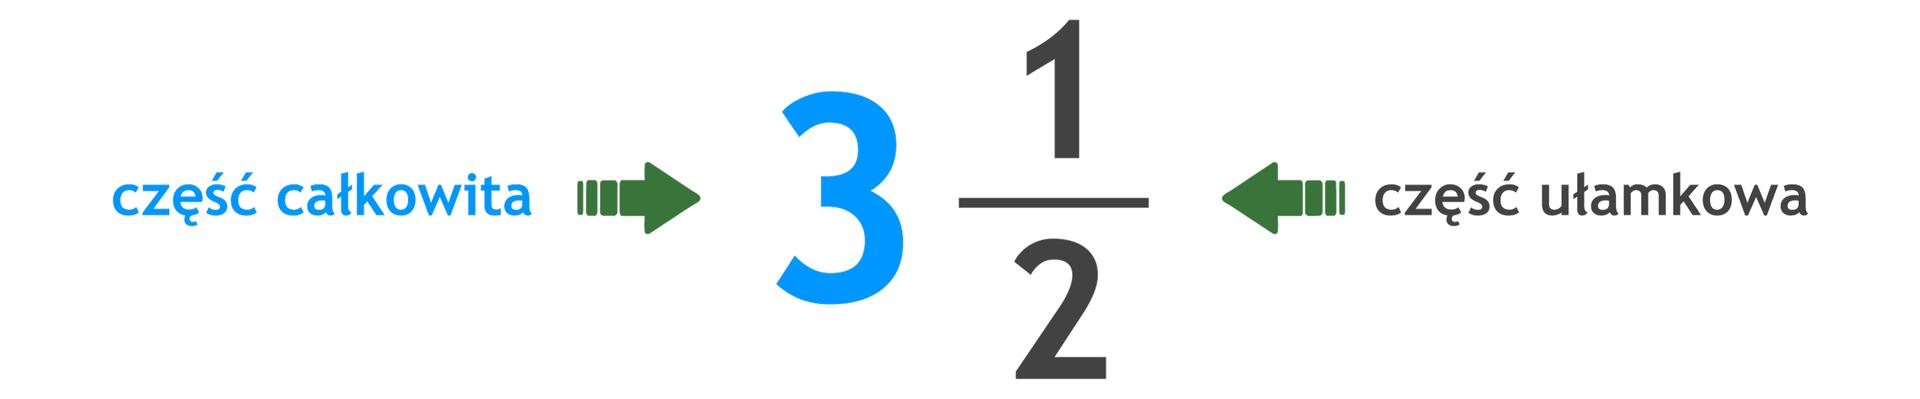 Zapis: liczba mieszana trzy całe ijedna druga. Cyfra 3 to część całkowita. Jedna druga to część ułamkowa.